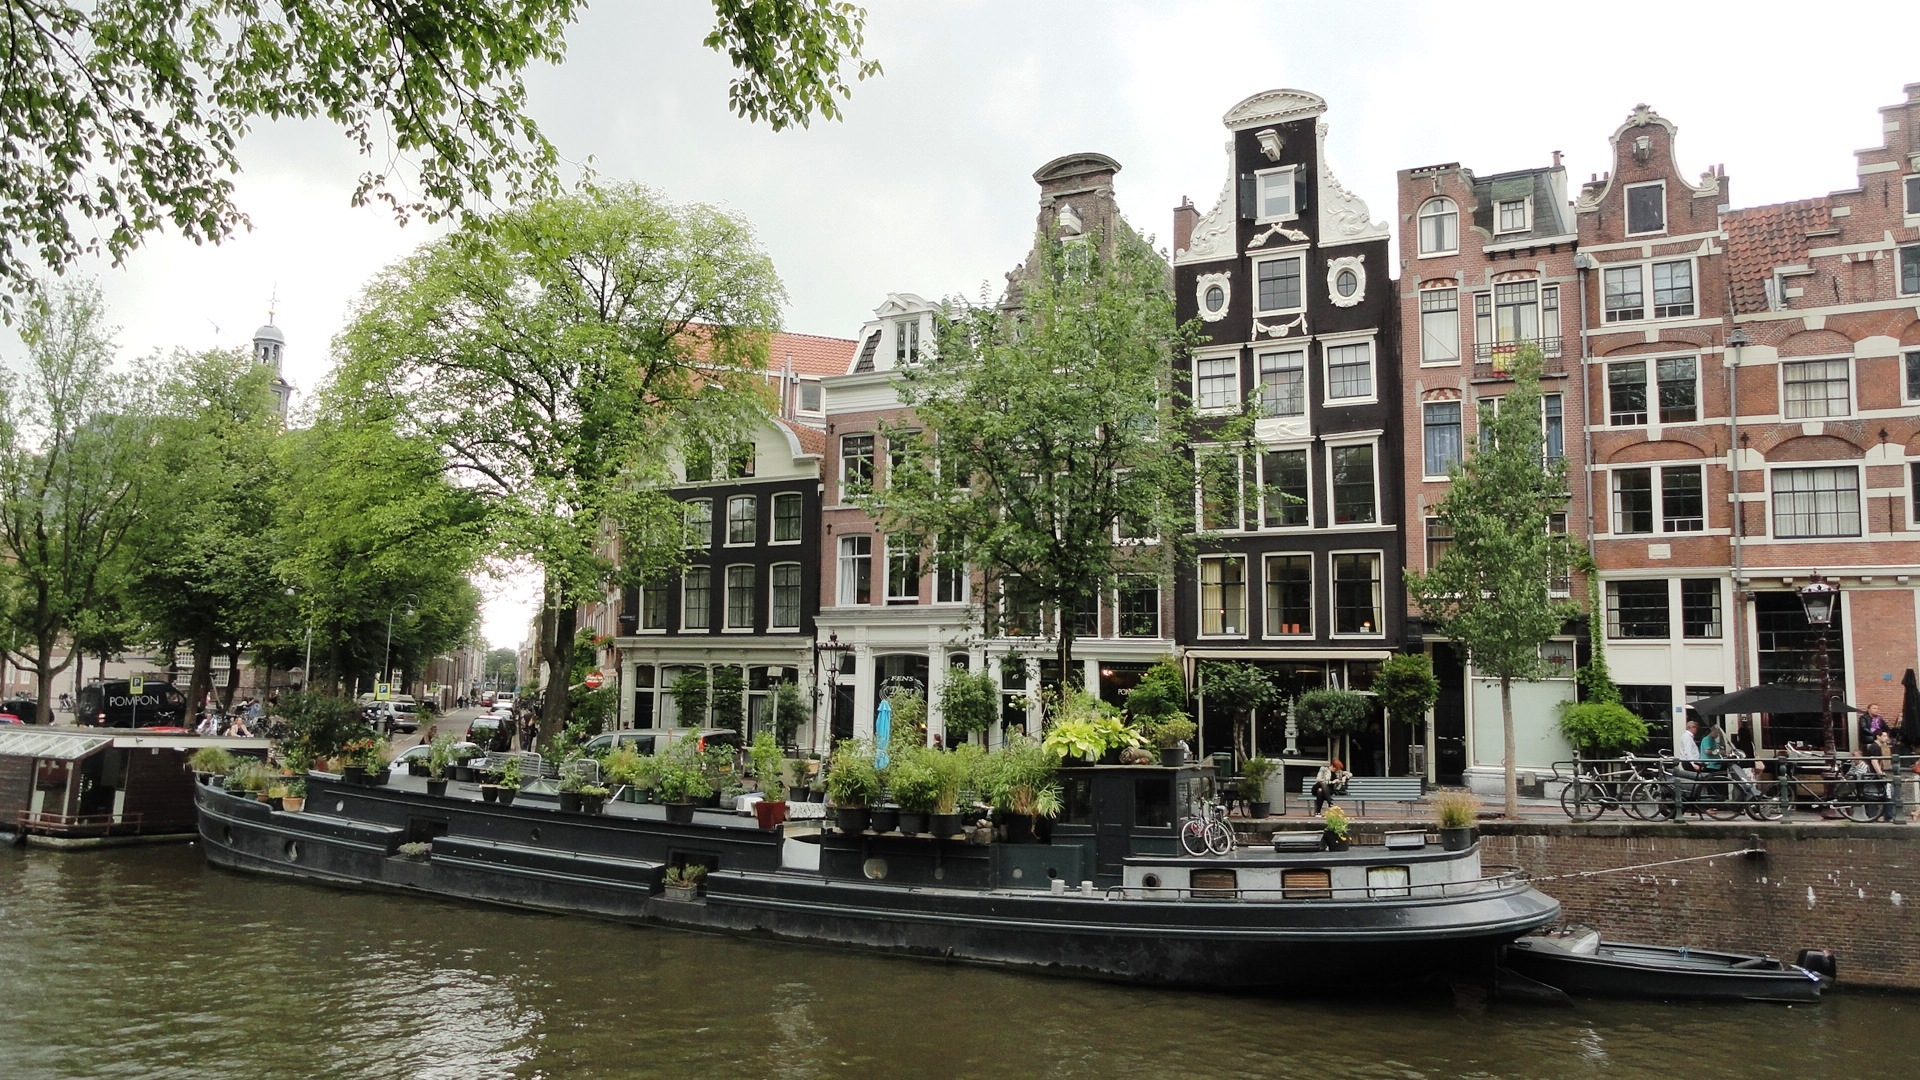 Amsterdam - Maisons et Canux